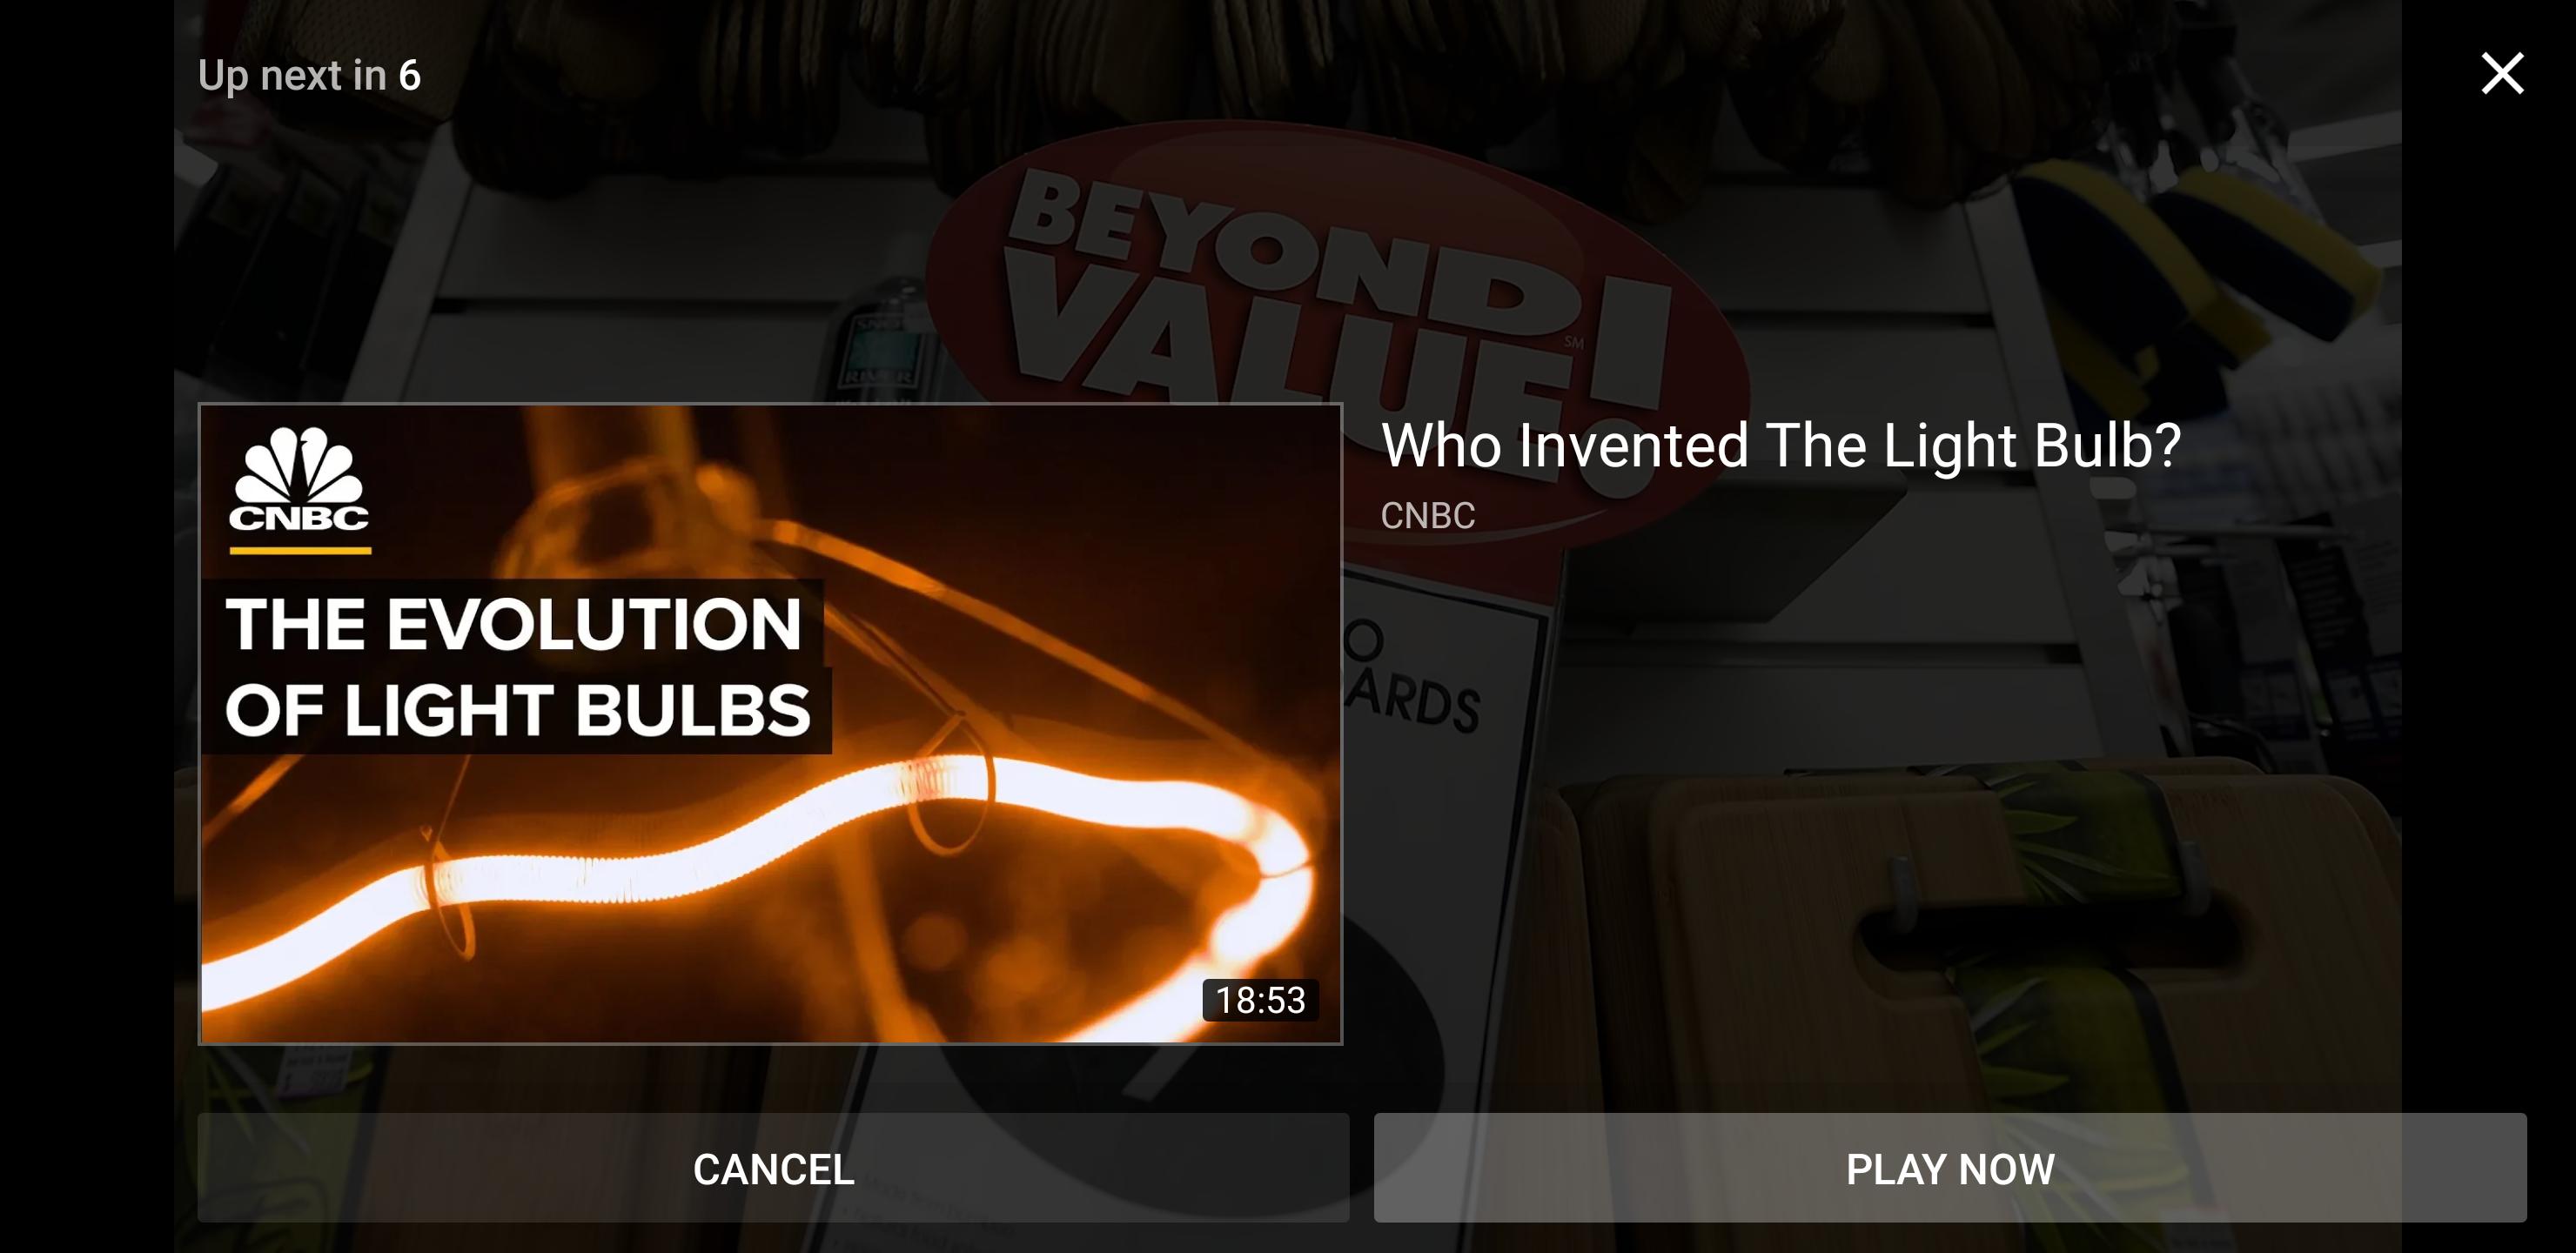 """يوتيوب يعرض تصميم جديد لشاشة """"الفيديو التالي"""" على أندرويد"""